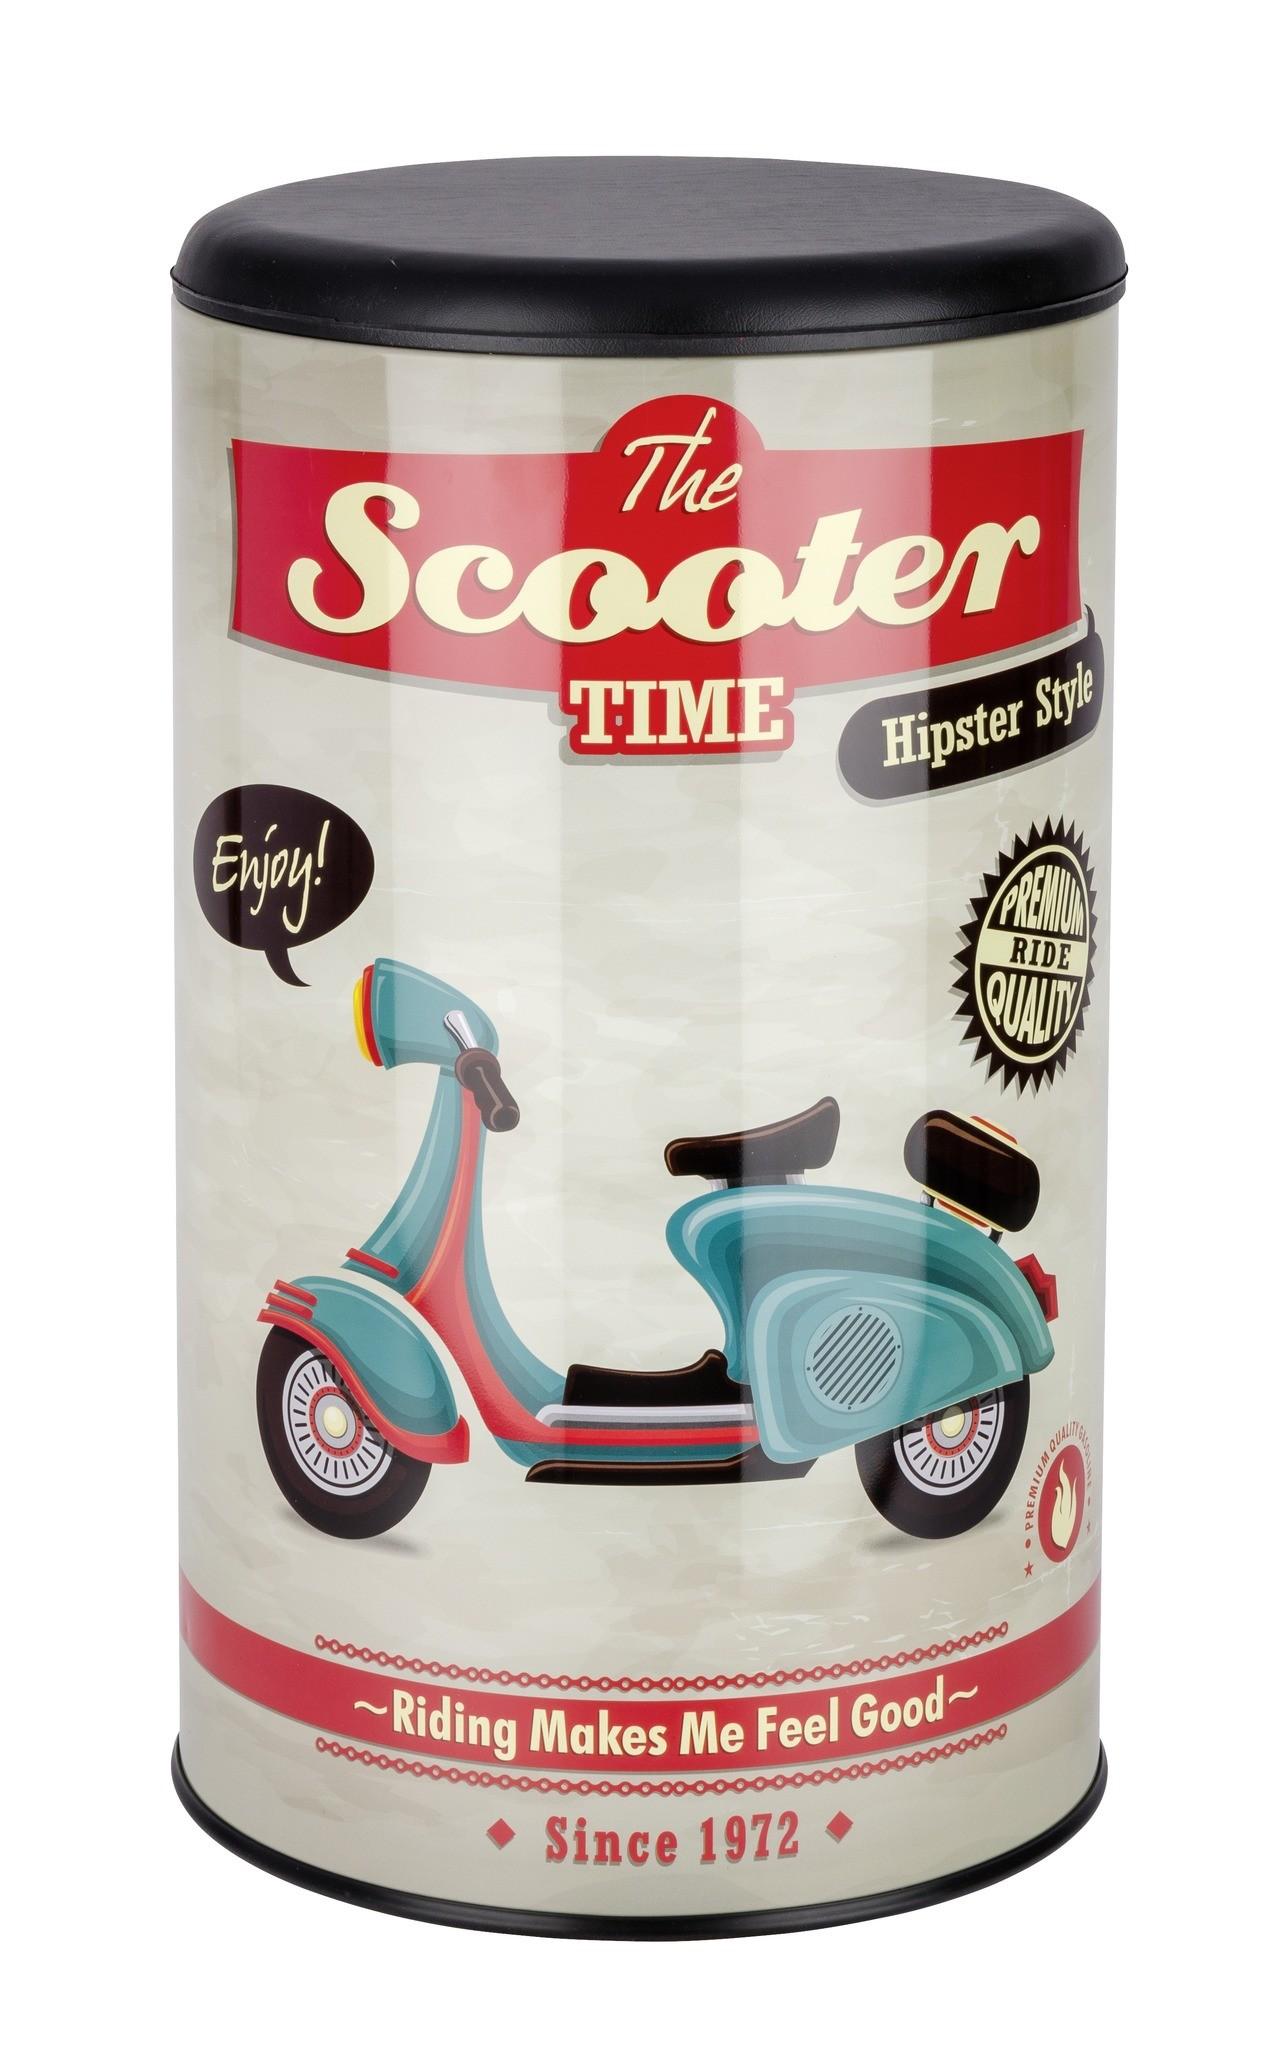 Wäschetruhe Vintage Scooter, Badhocker